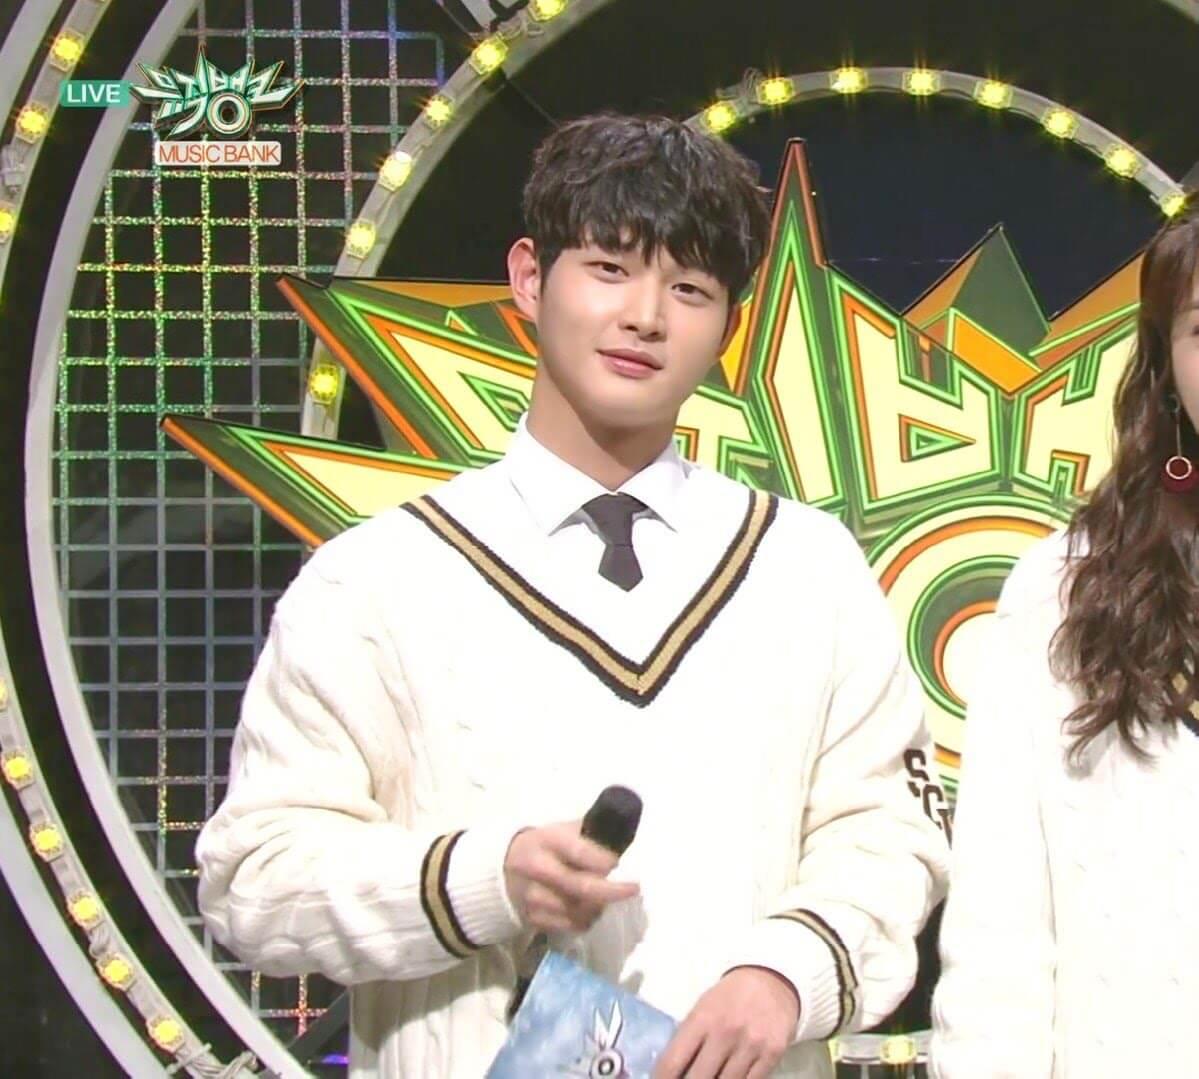 seo won mubank